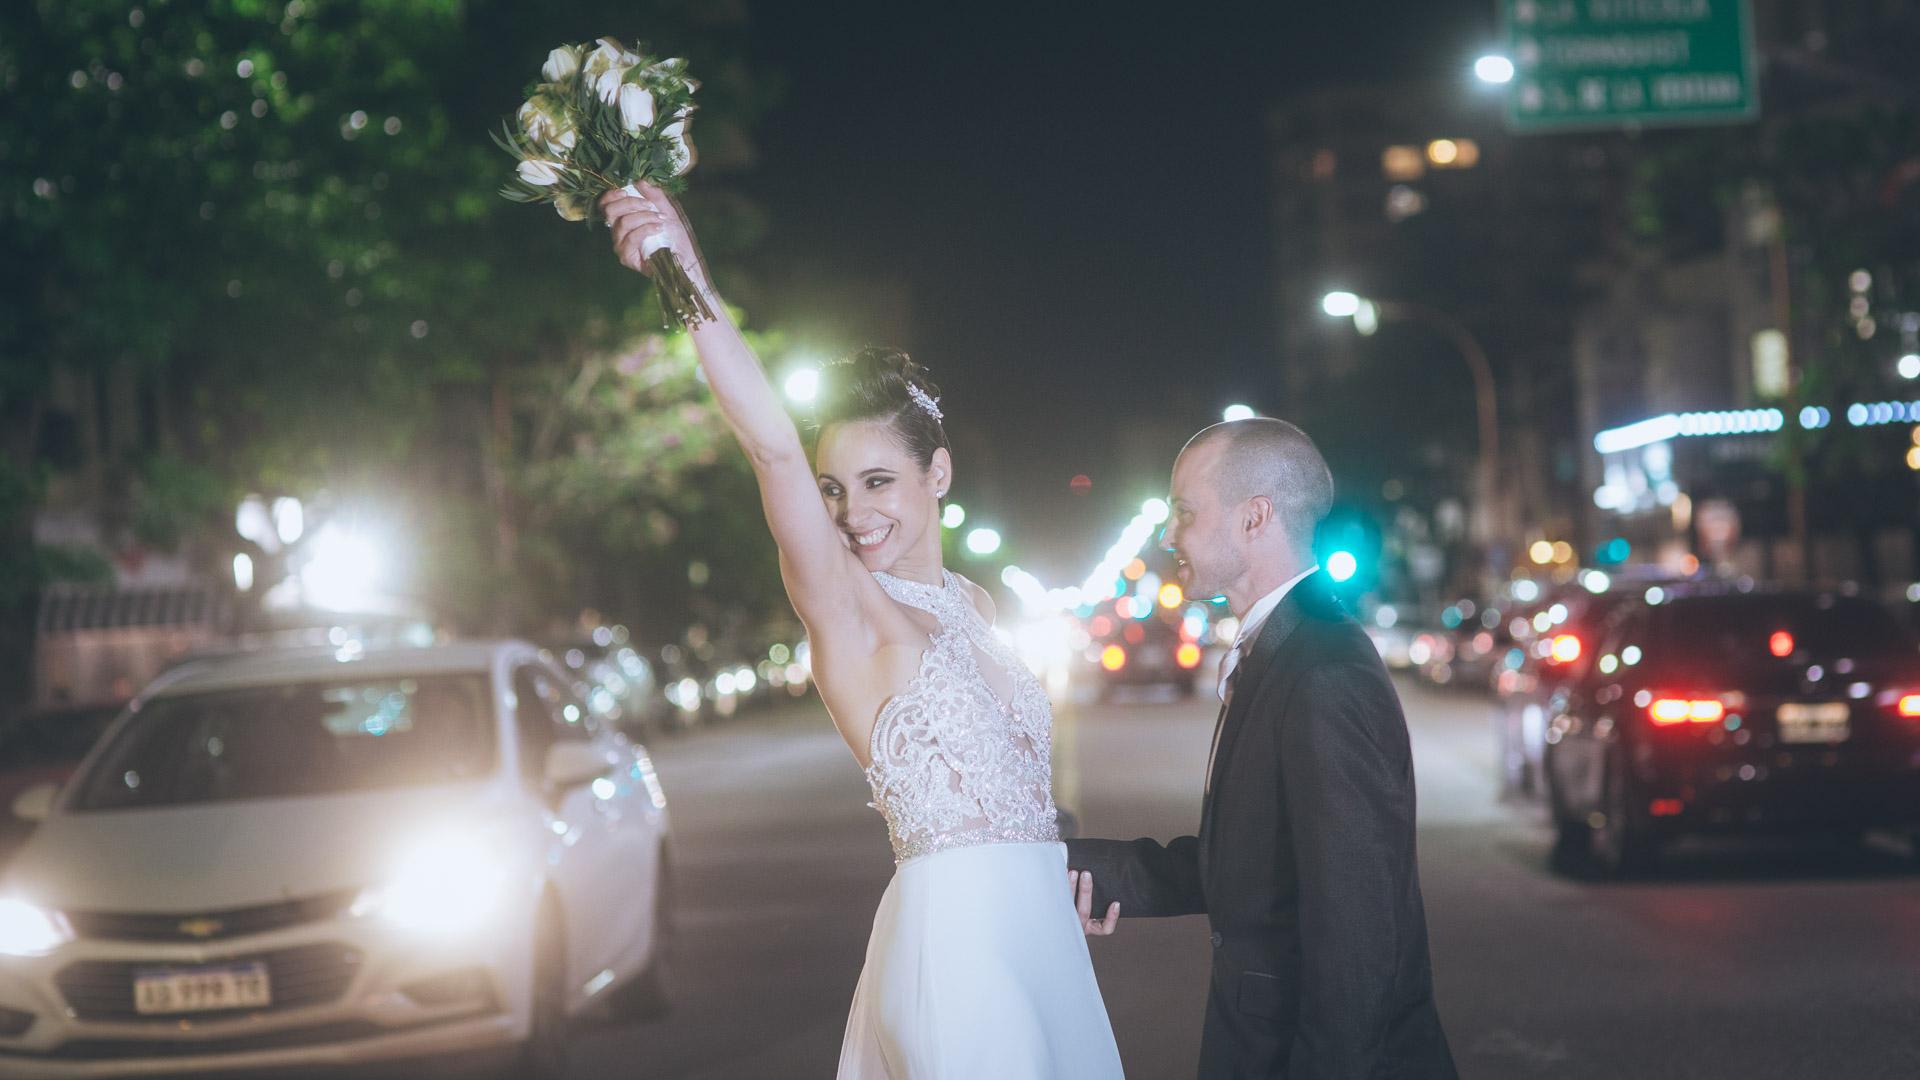 sesion de fotos de boda, los novios en avenida alem